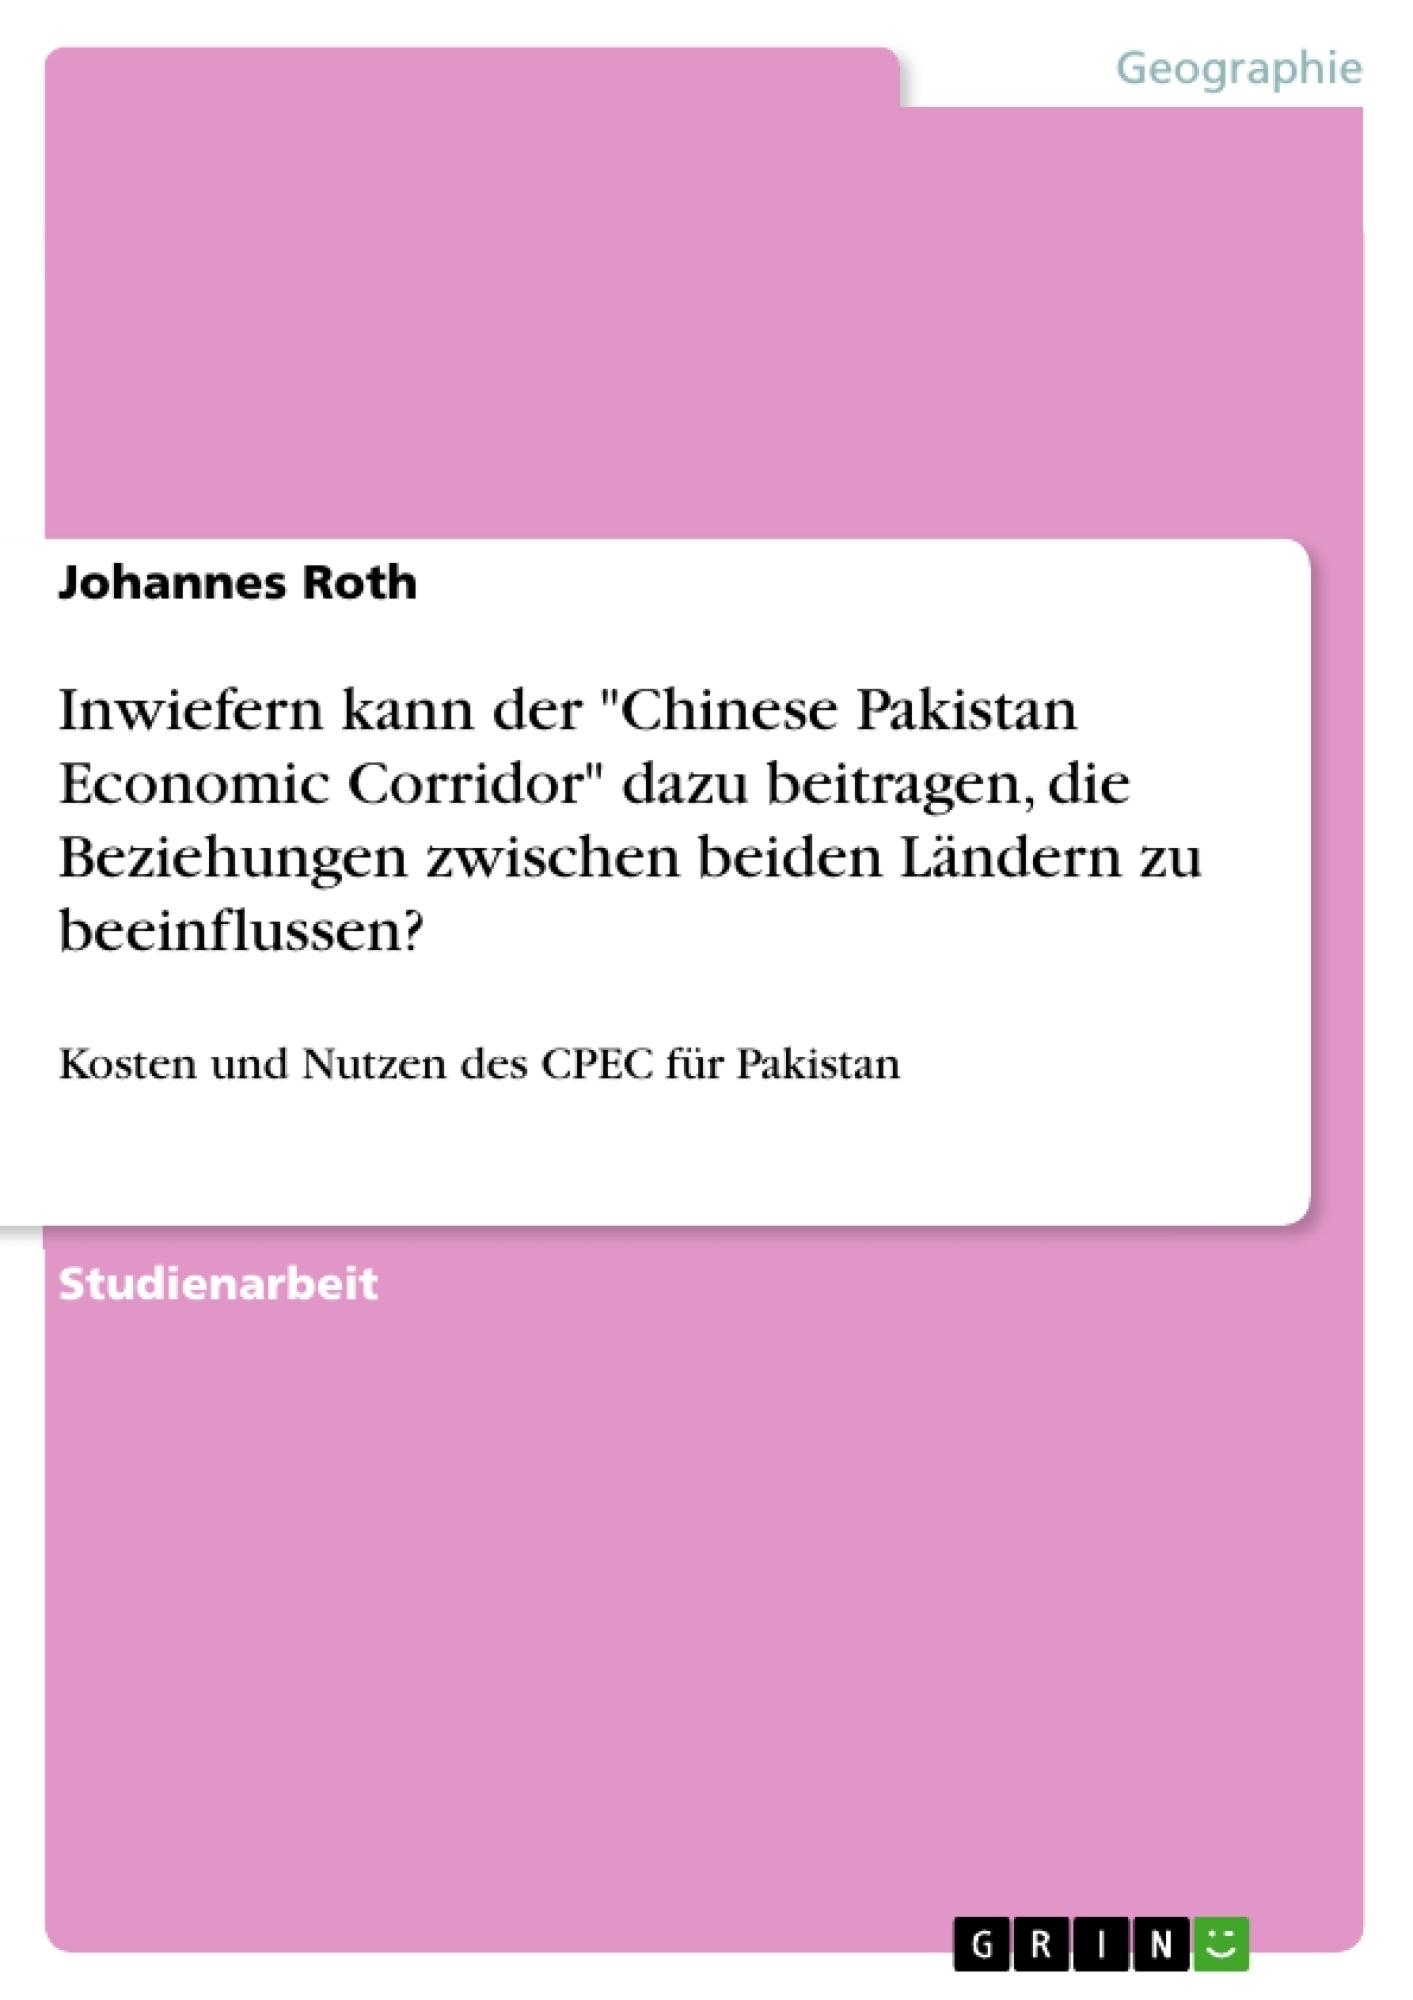 """Titel: Inwiefern kann der """"Chinese Pakistan Economic Corridor"""" dazu beitragen, die Beziehungen zwischen beiden Ländern zu beeinflussen?"""